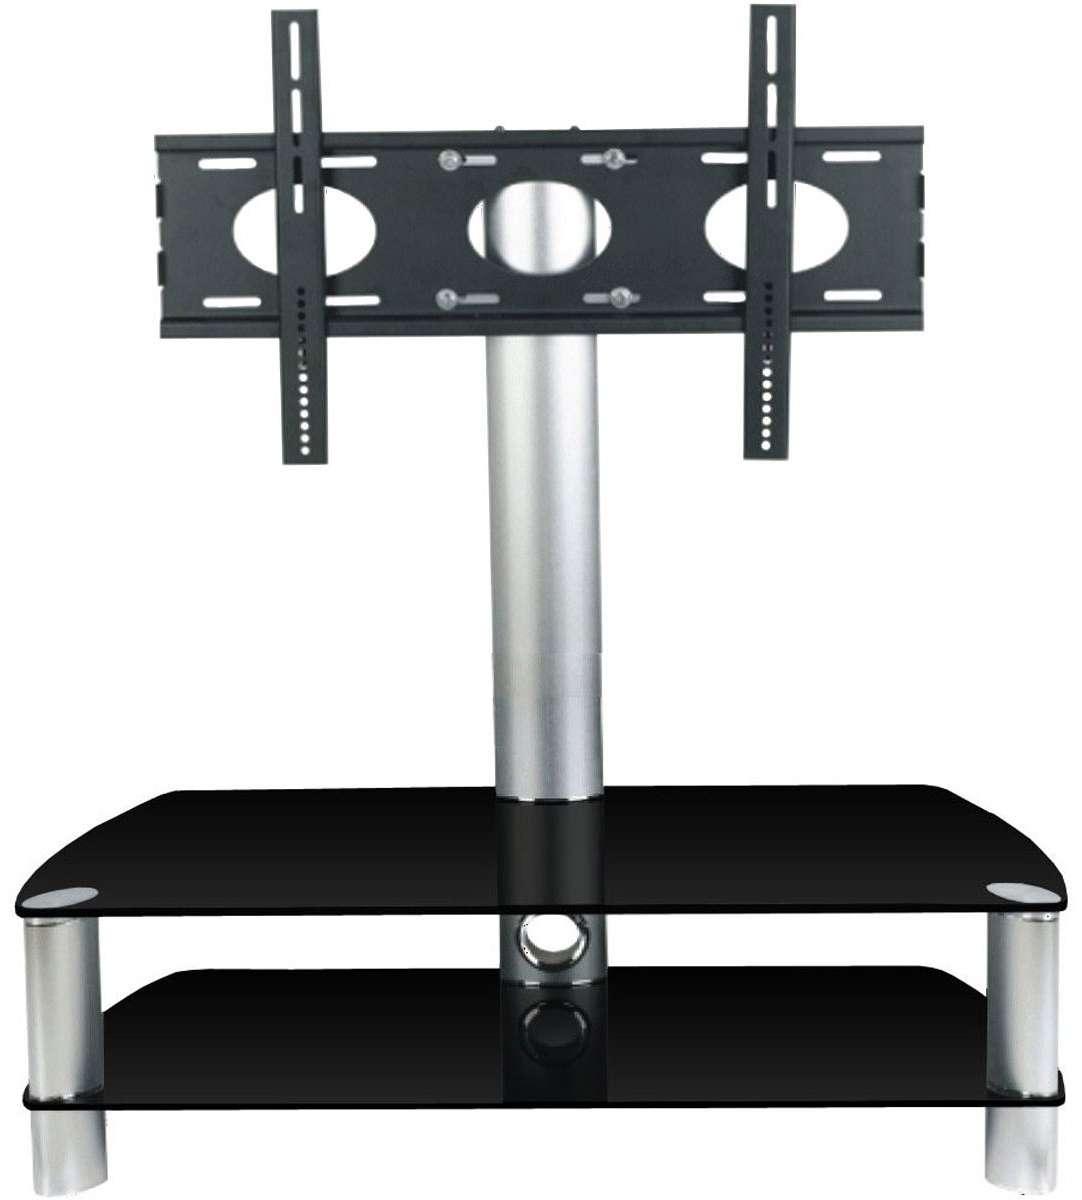 Stil Stand Stuk 2053Chbl Tv Stands Intended For Stil Tv Stands (View 6 of 15)